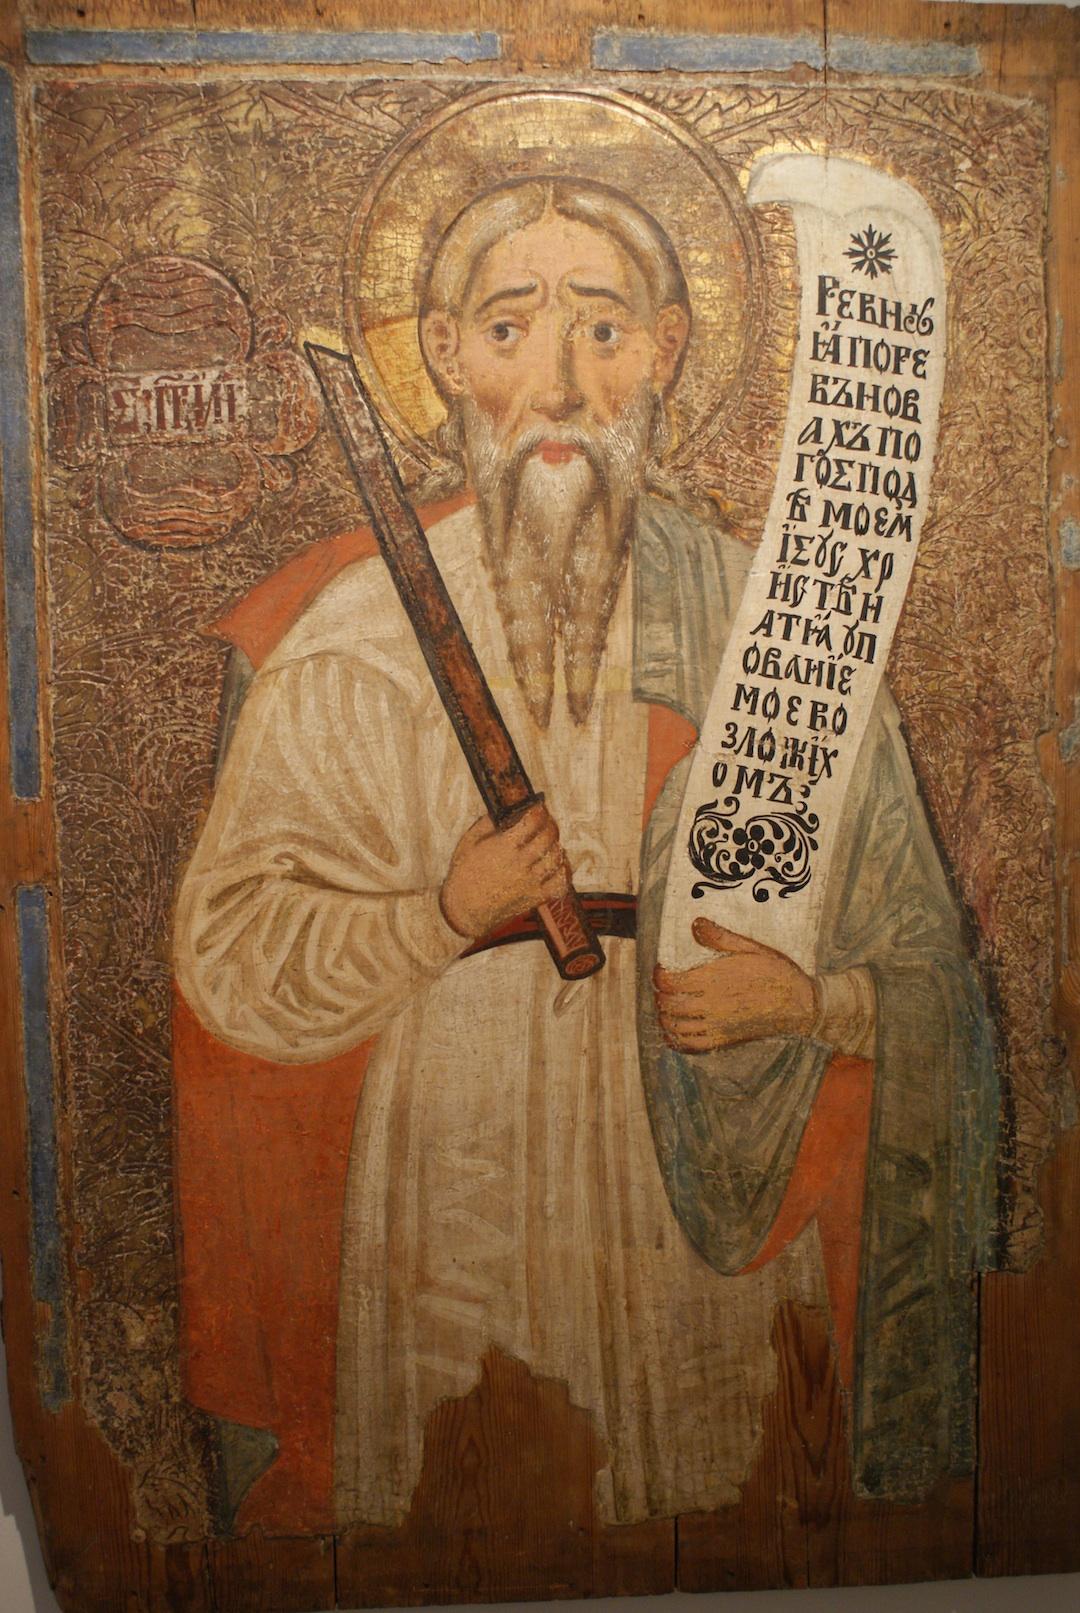 The Prophet Elijah. Credit: Wikimedia Commons.